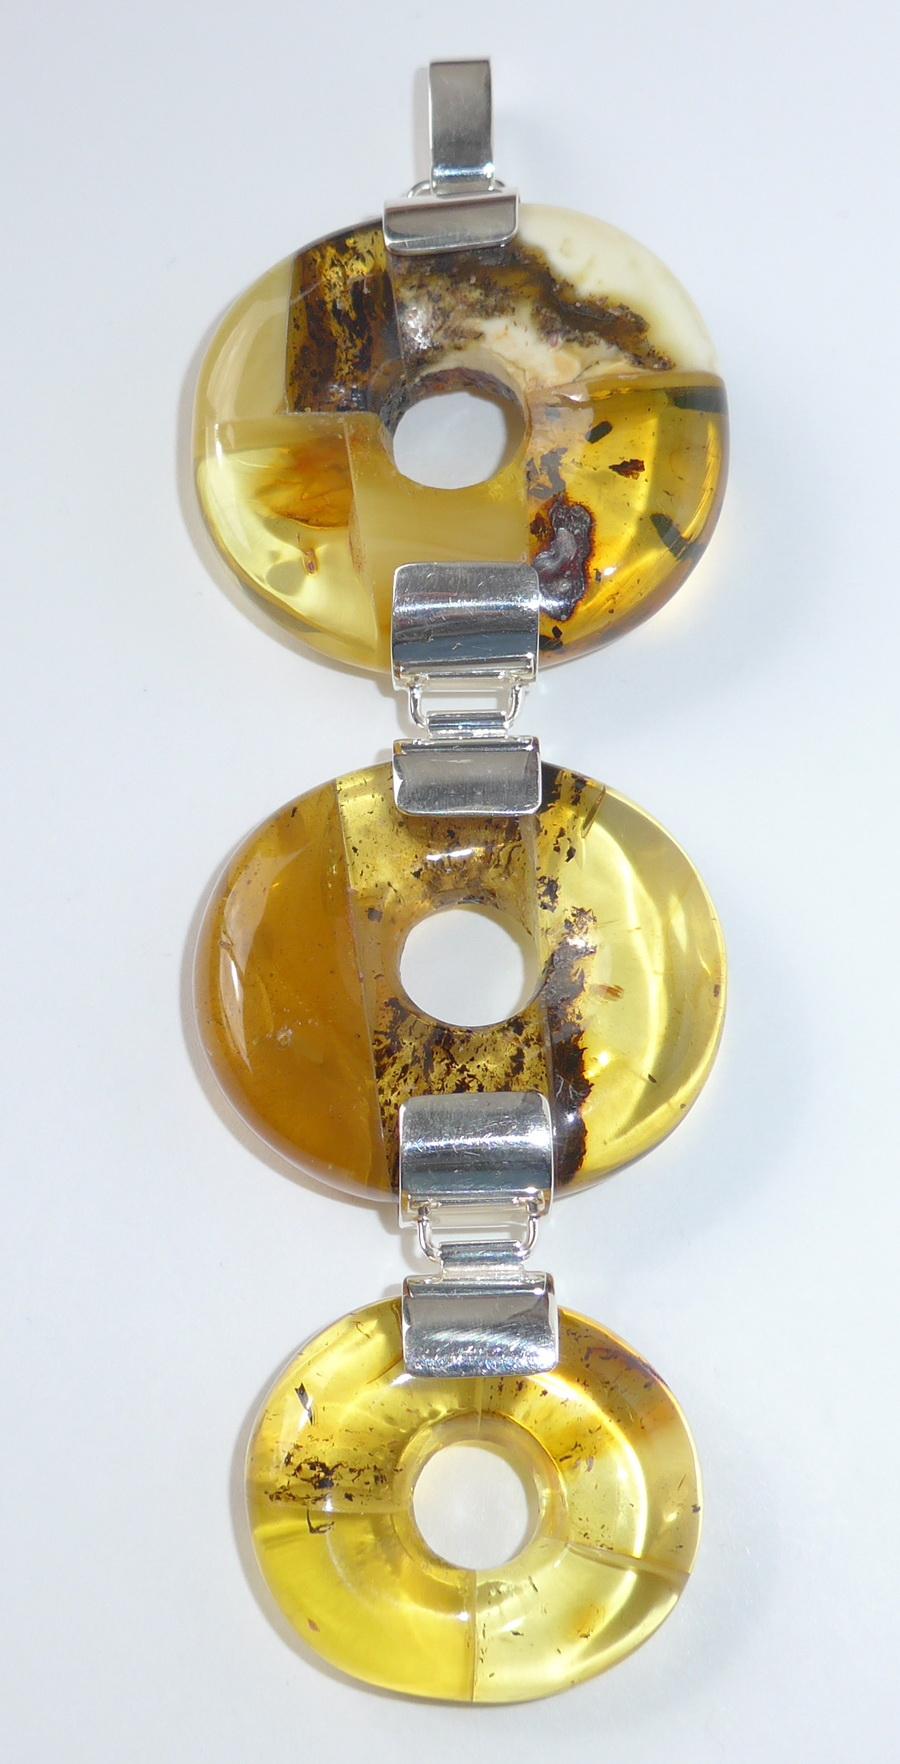 seltene baltische weisse bernsteine white baltic amber. Black Bedroom Furniture Sets. Home Design Ideas